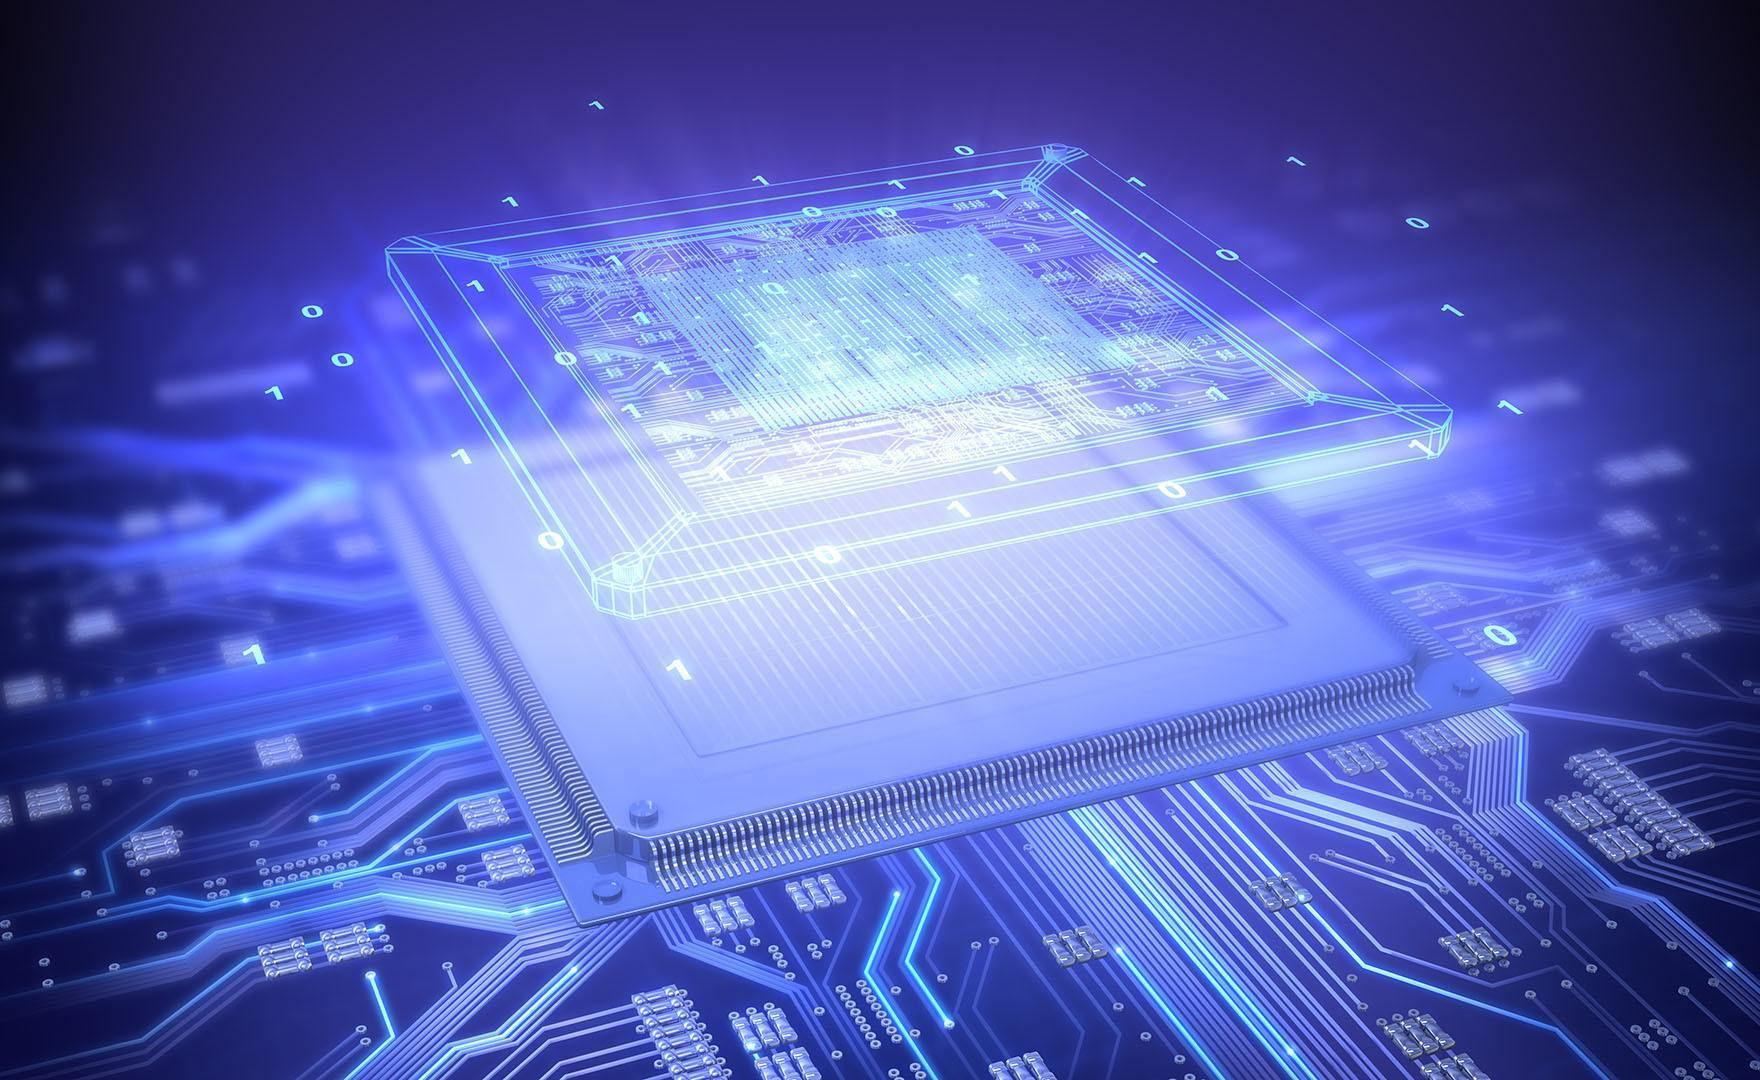 Falle delle CPU, secondo uno sviluppatore Linux sono un problema ancora attuale